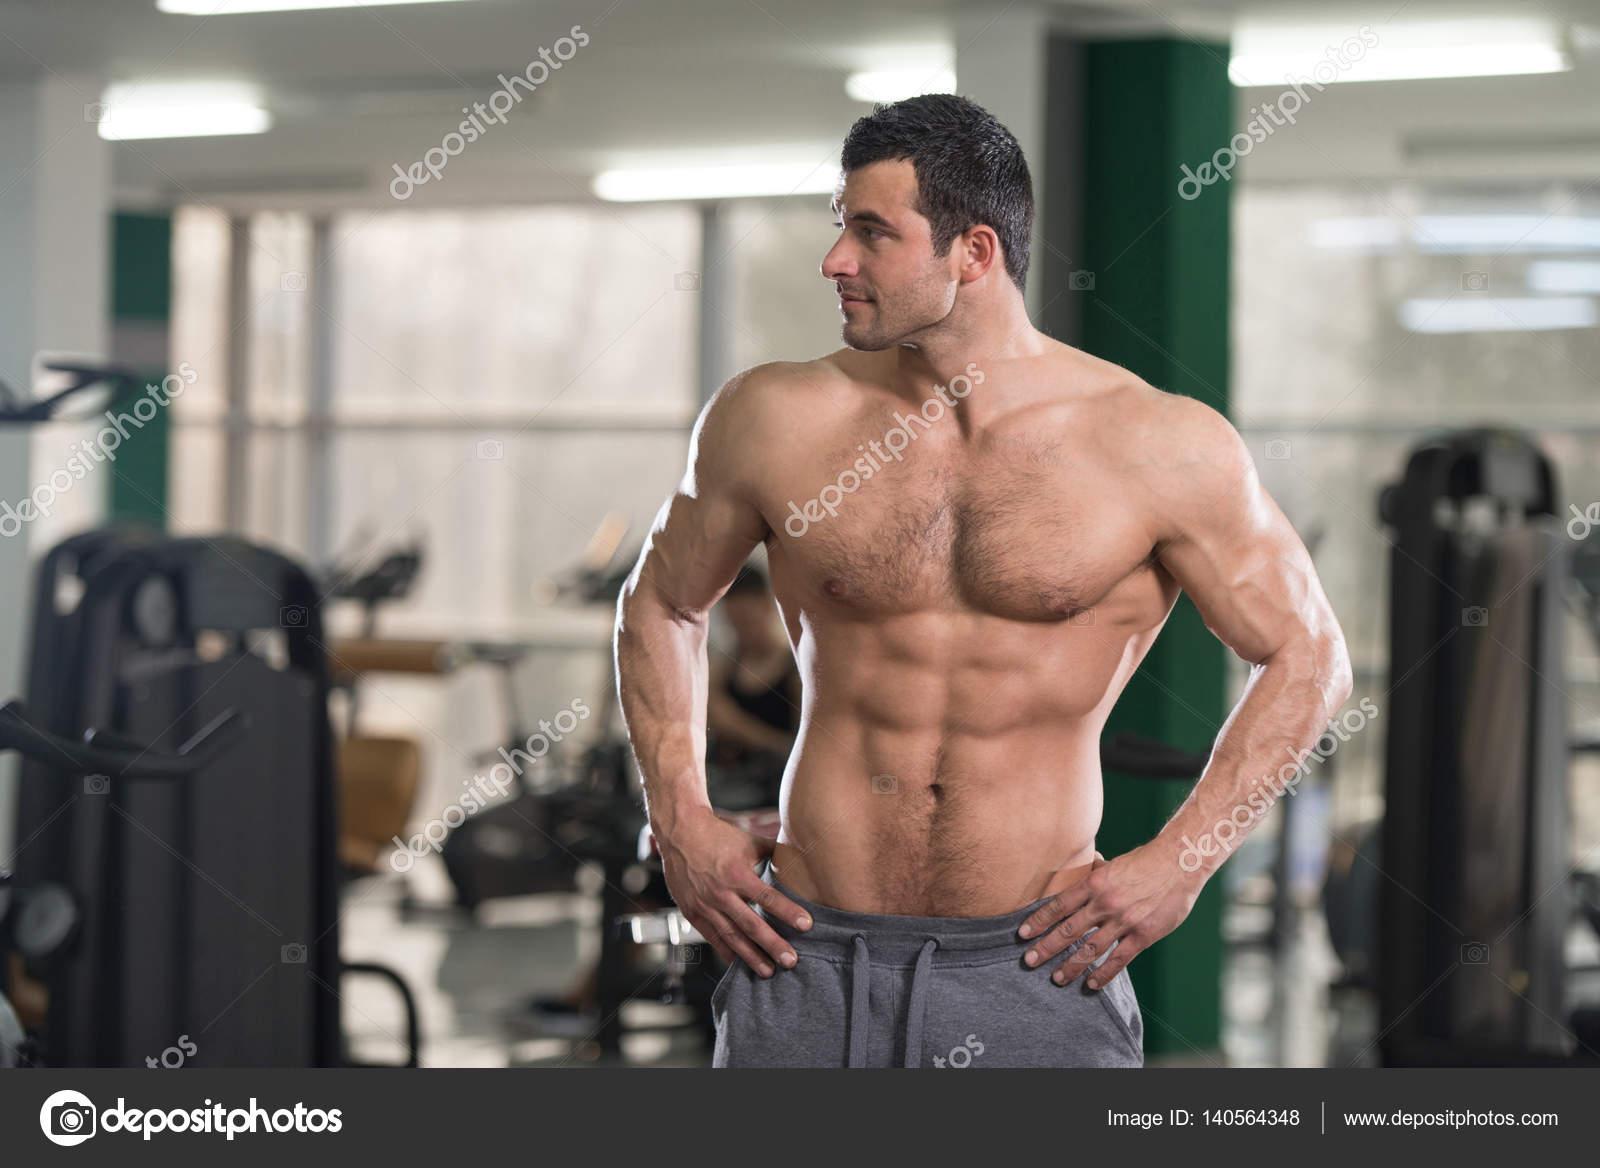 crempi homme musclé poilu